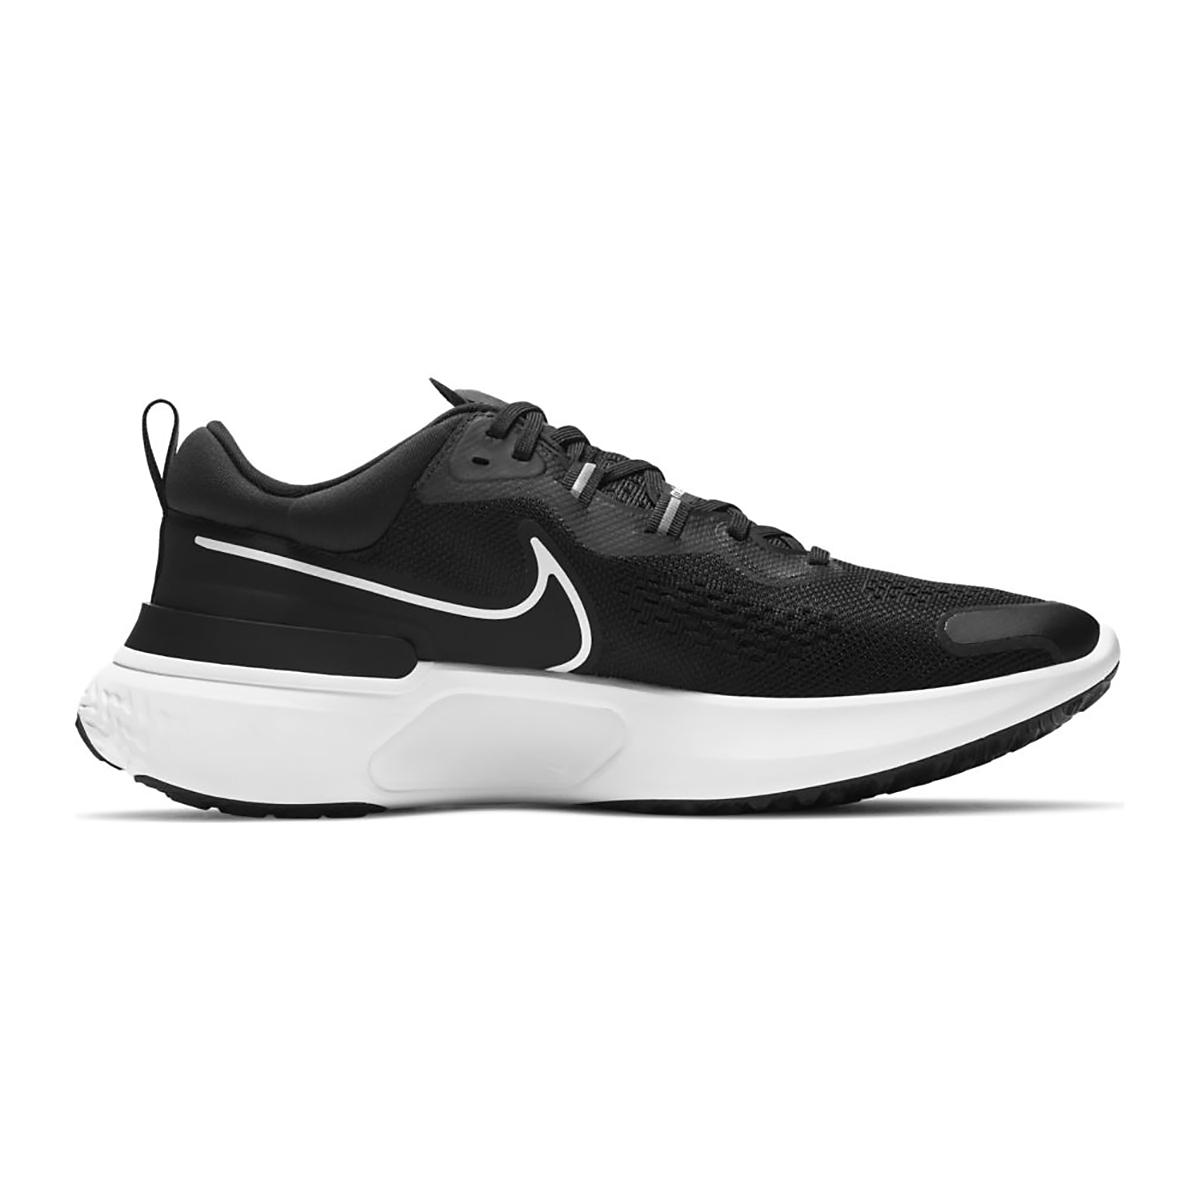 Men's Nike React Miler 2 Running Shoe - Color: Black/White/Smoke Grey - Size: 6.5 - Width: Regular, Black/White/Smoke Grey, large, image 1